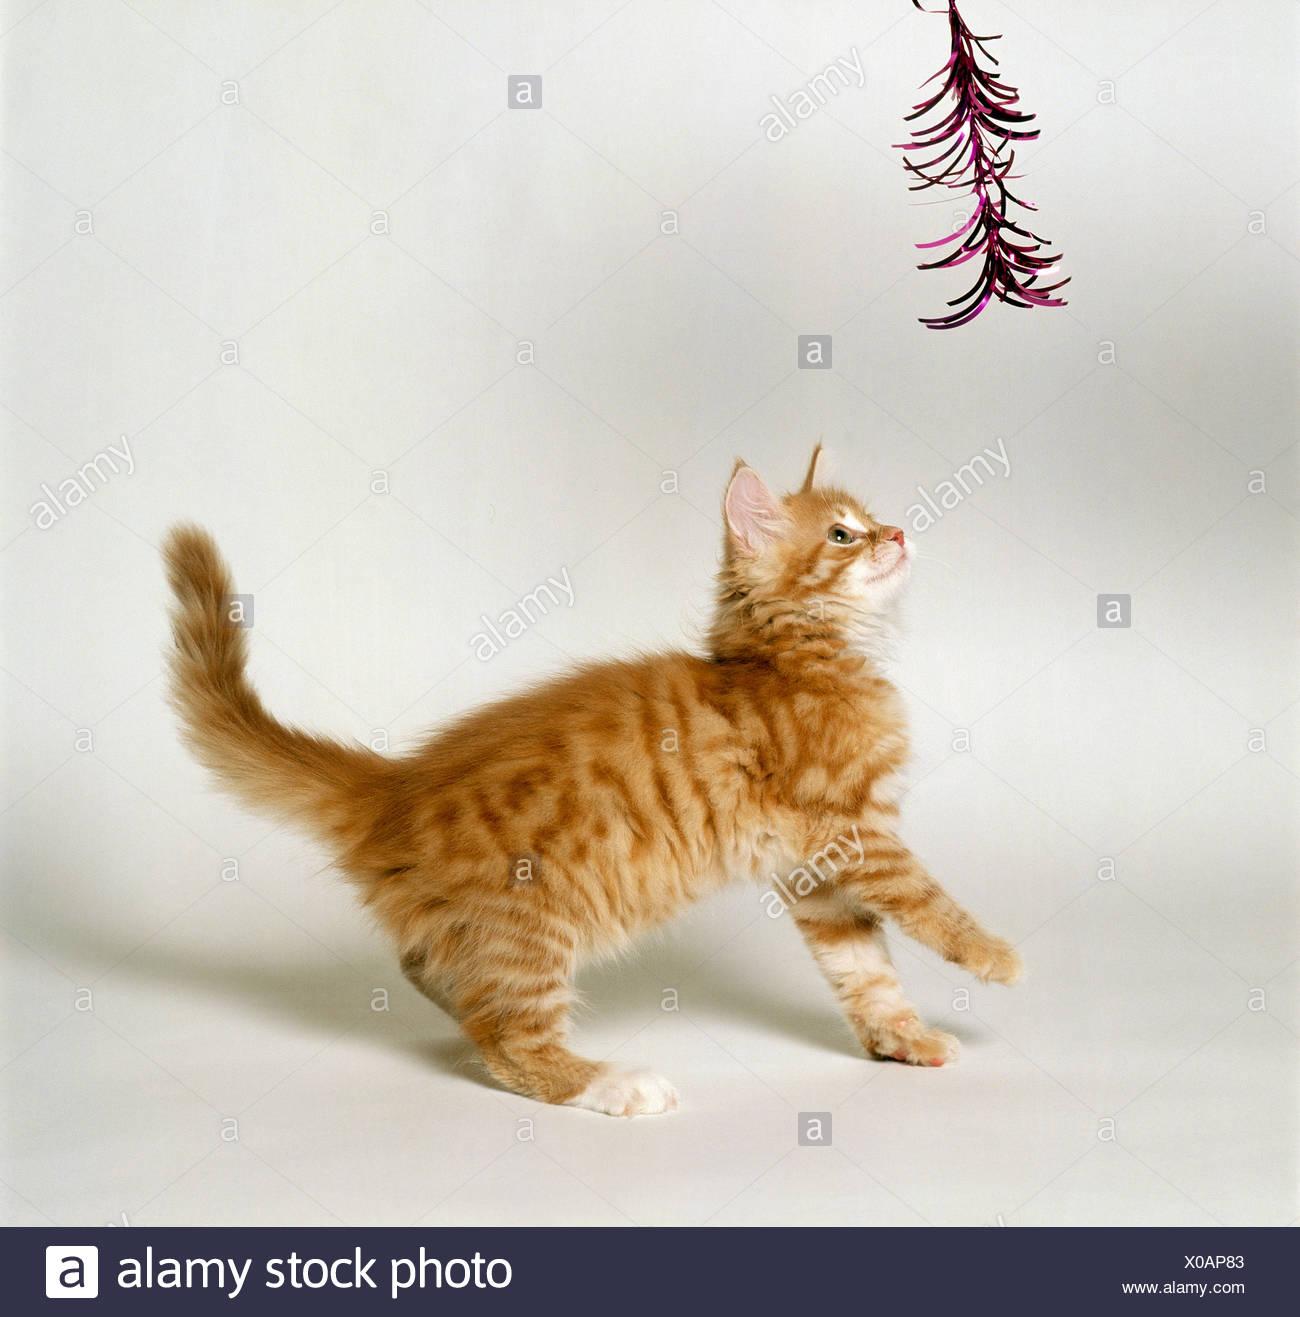 Angora Cat Kitten Playing Stock Photo 275602883 Alamy